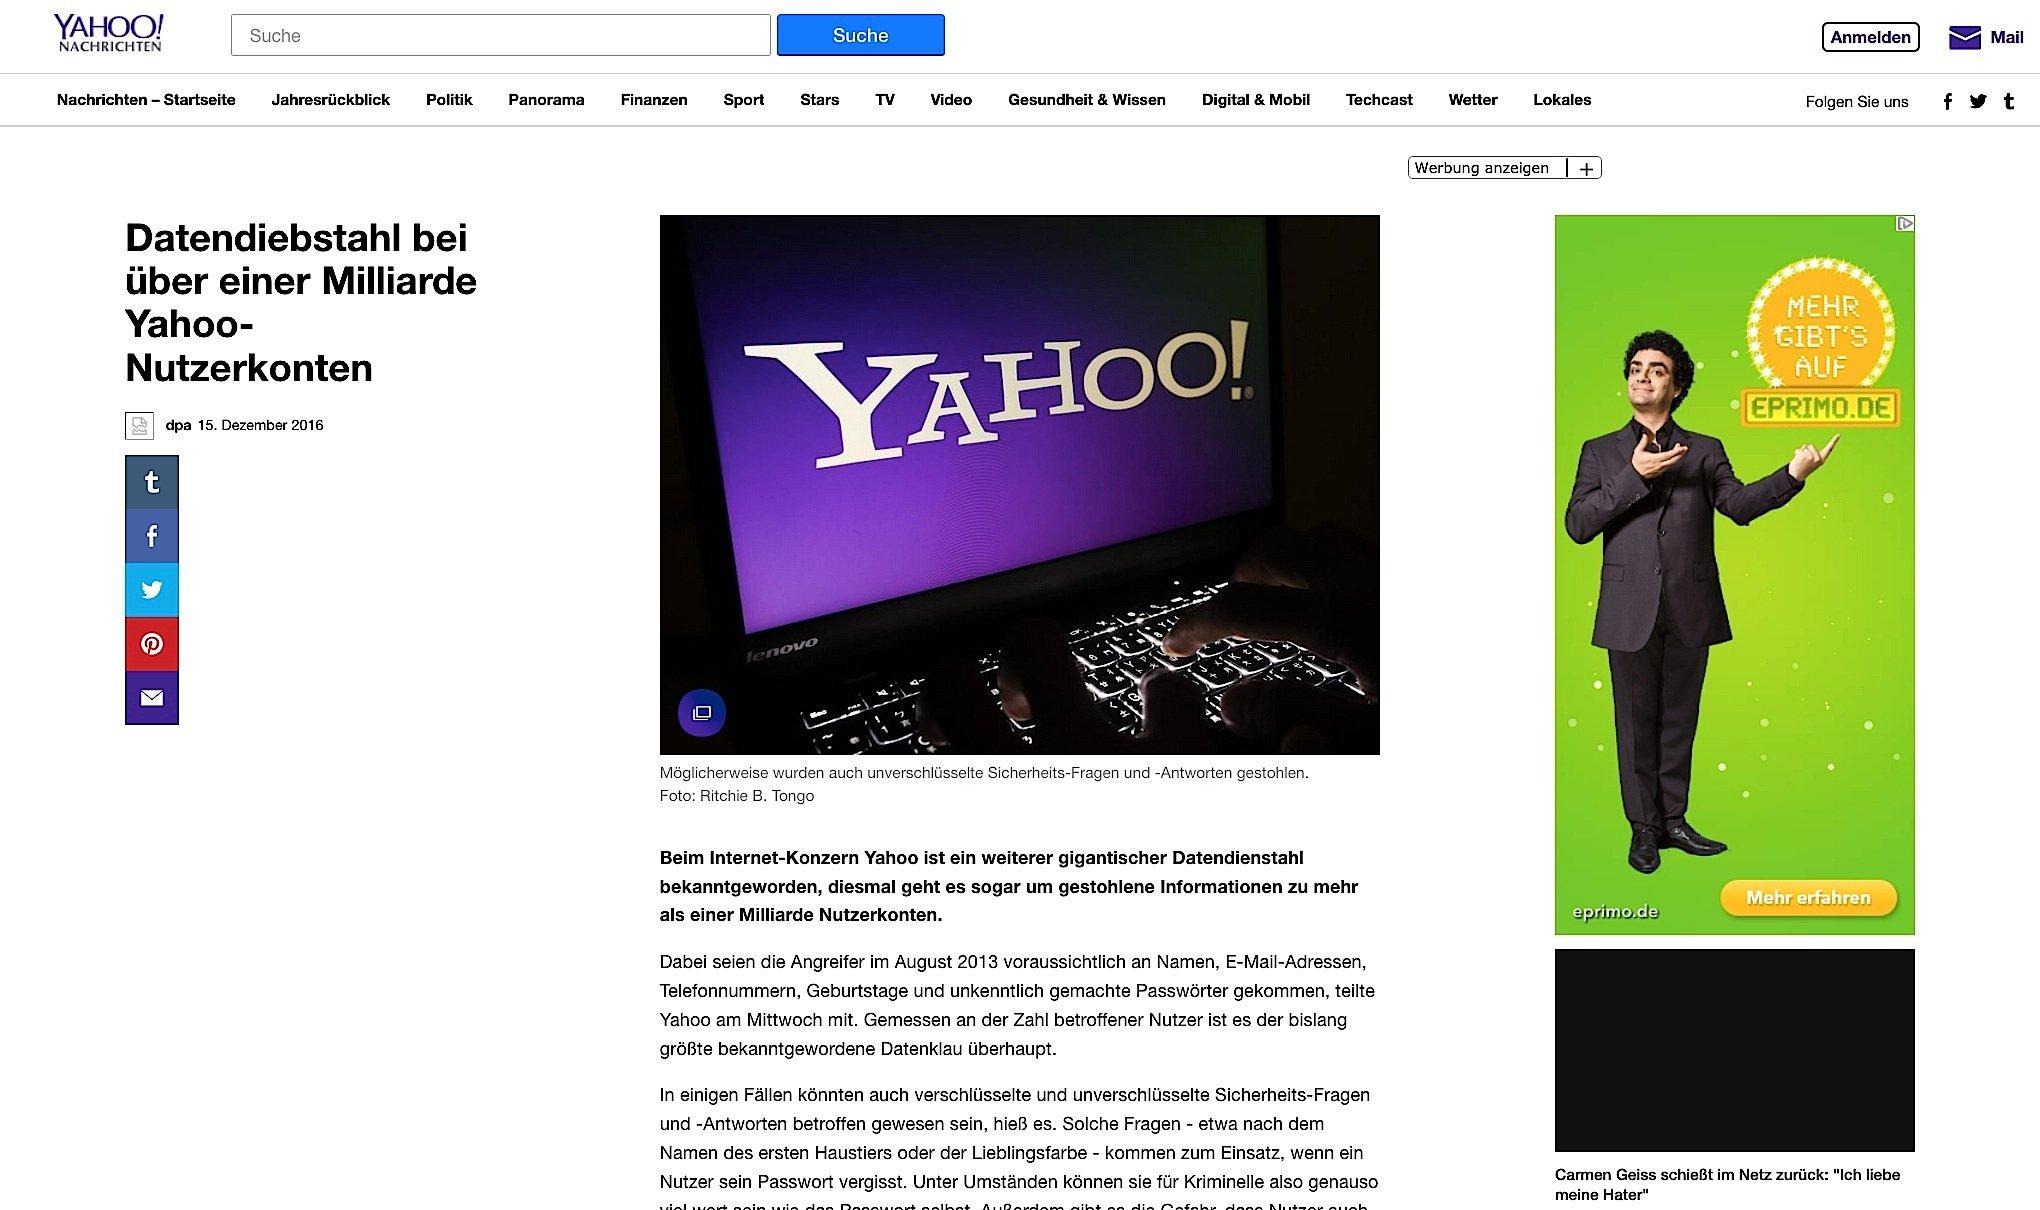 Um die Nachricht über den größten Datendiebstahl der Geschichte im eigenen Haus kommt auch Yahoo auf seinem News-Portal nicht herum.